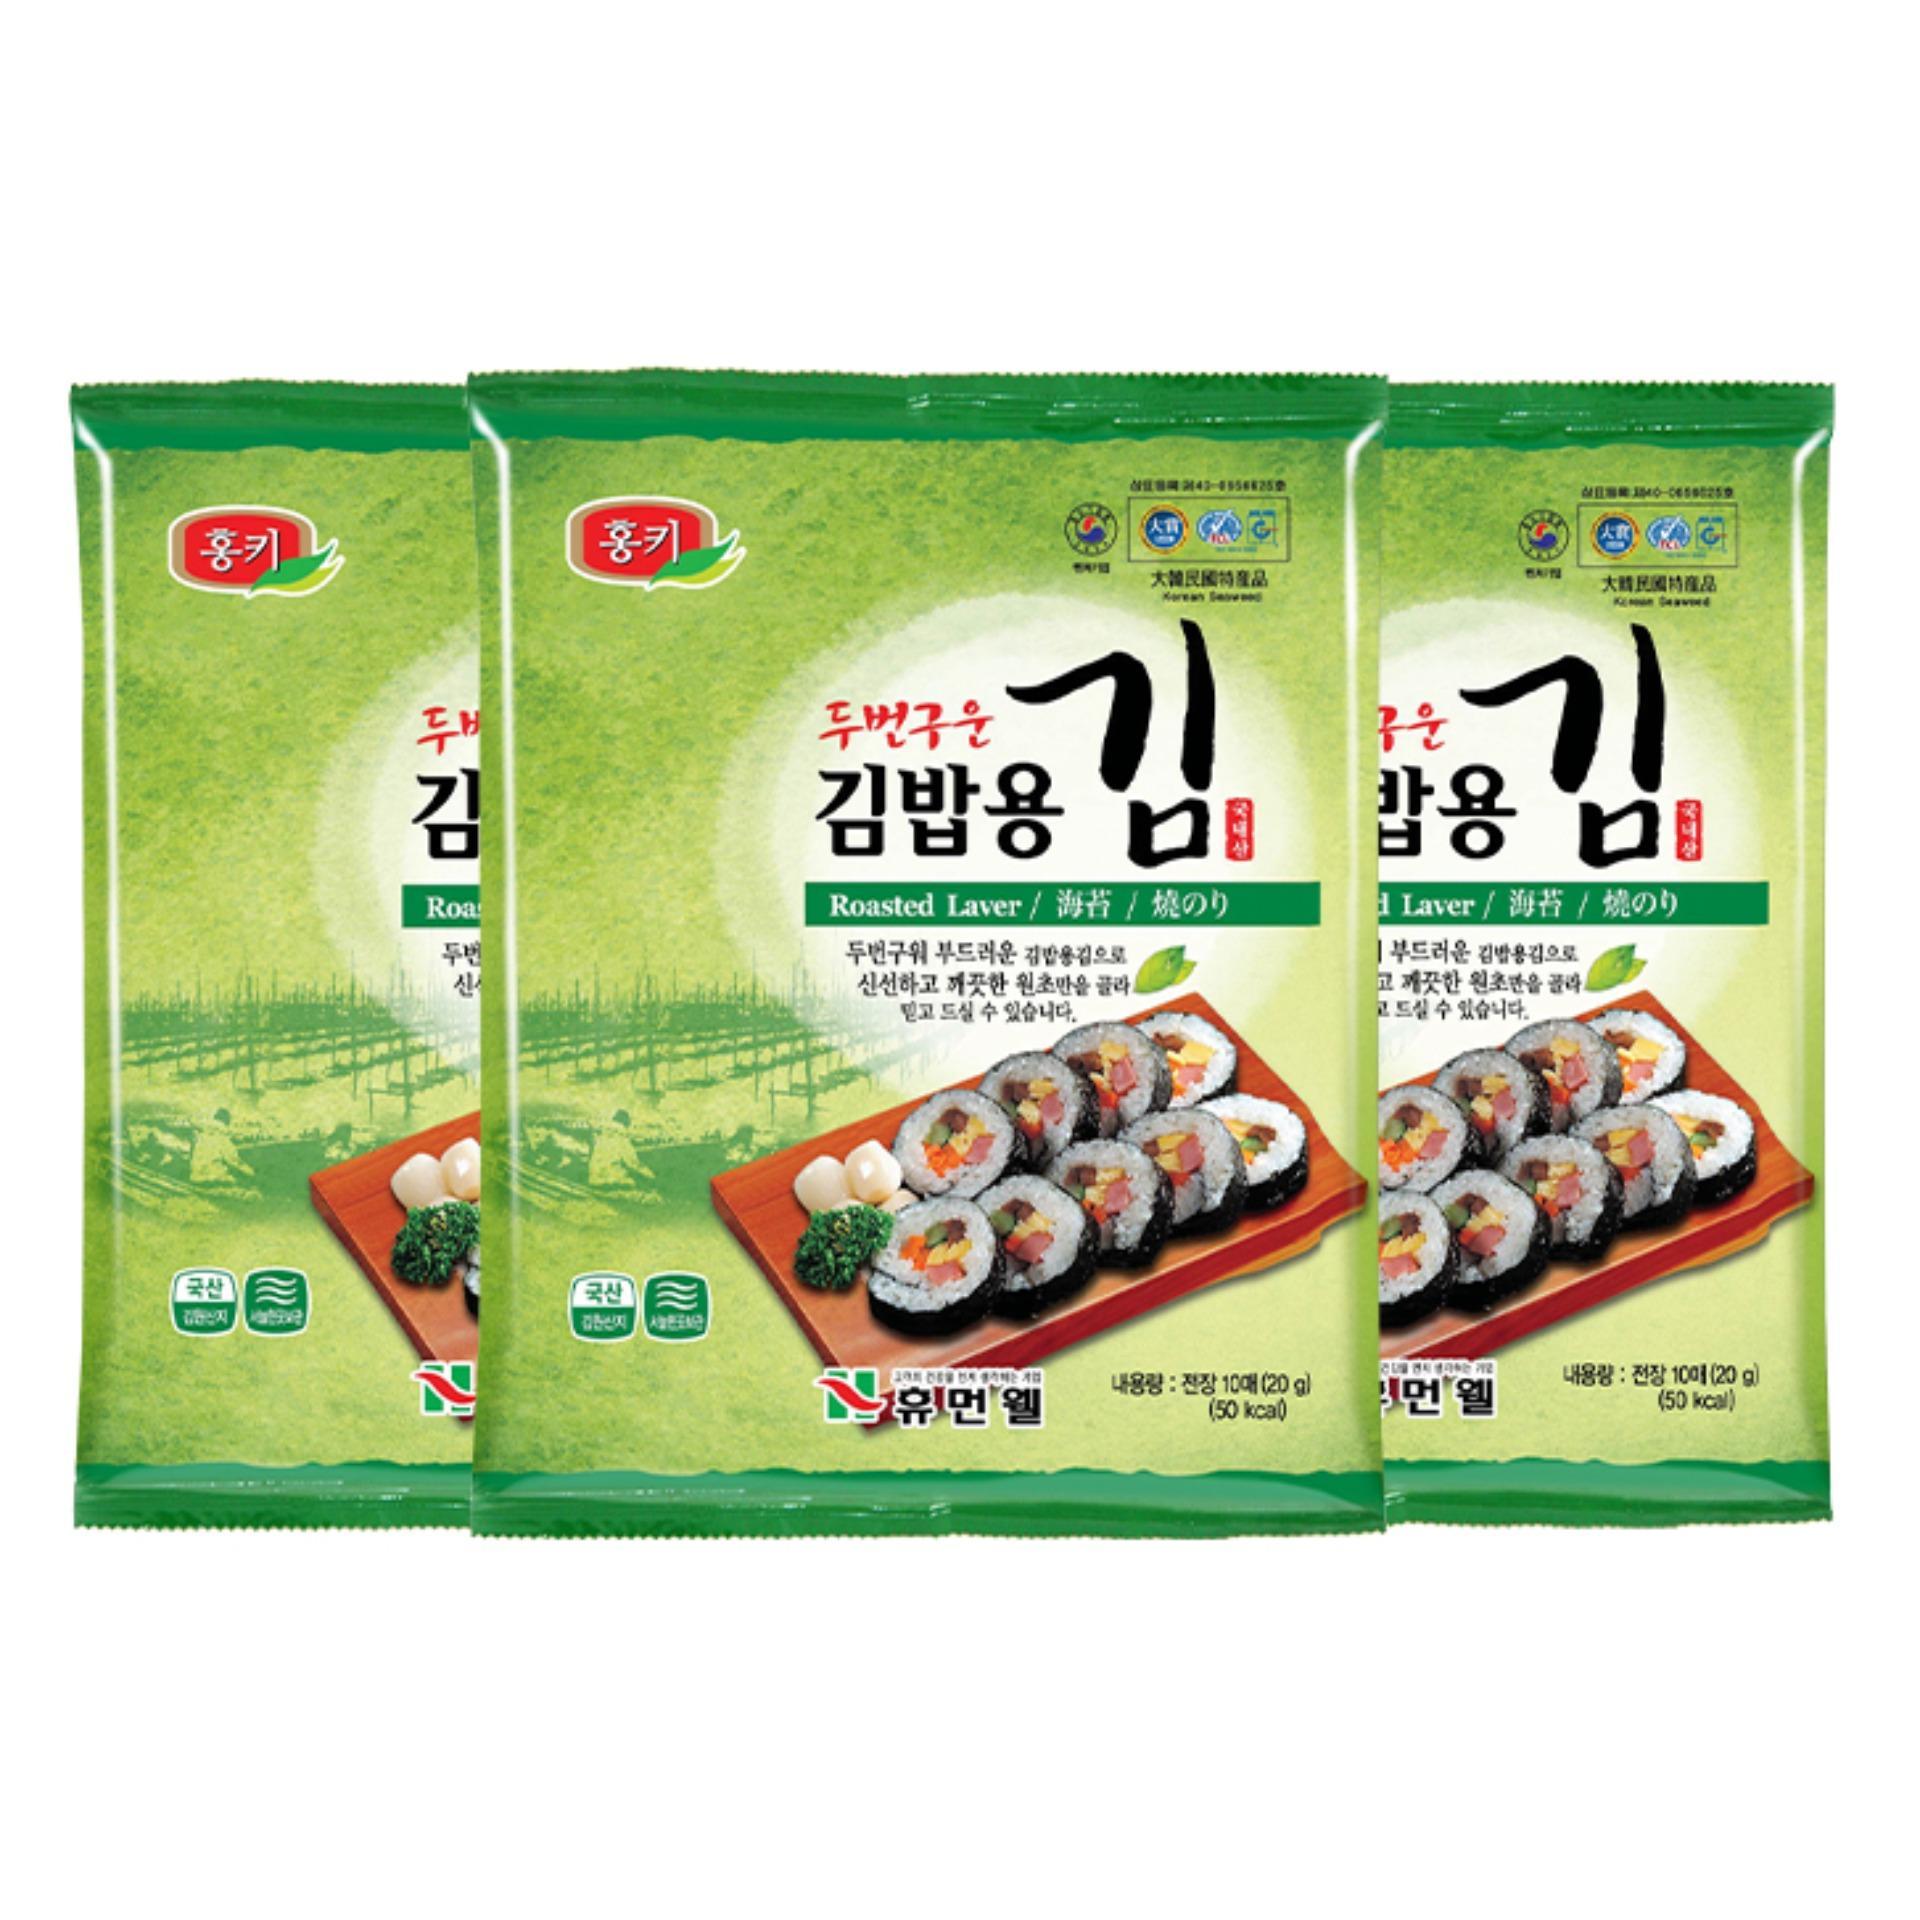 Rong biển Gimbap Humanwell Hàn Quốc 20g